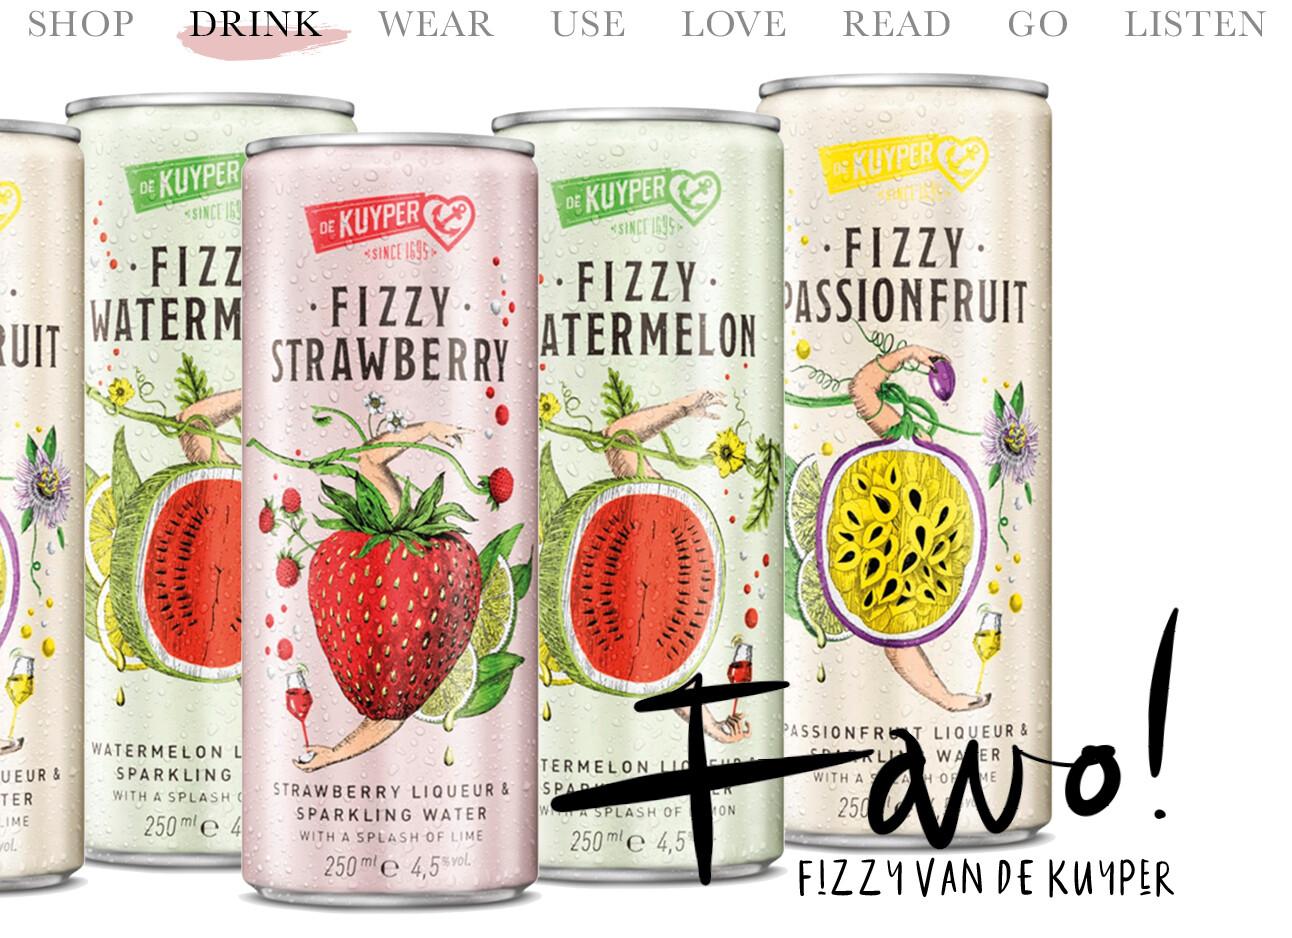 Today we drink Fizzy van De Kuyper